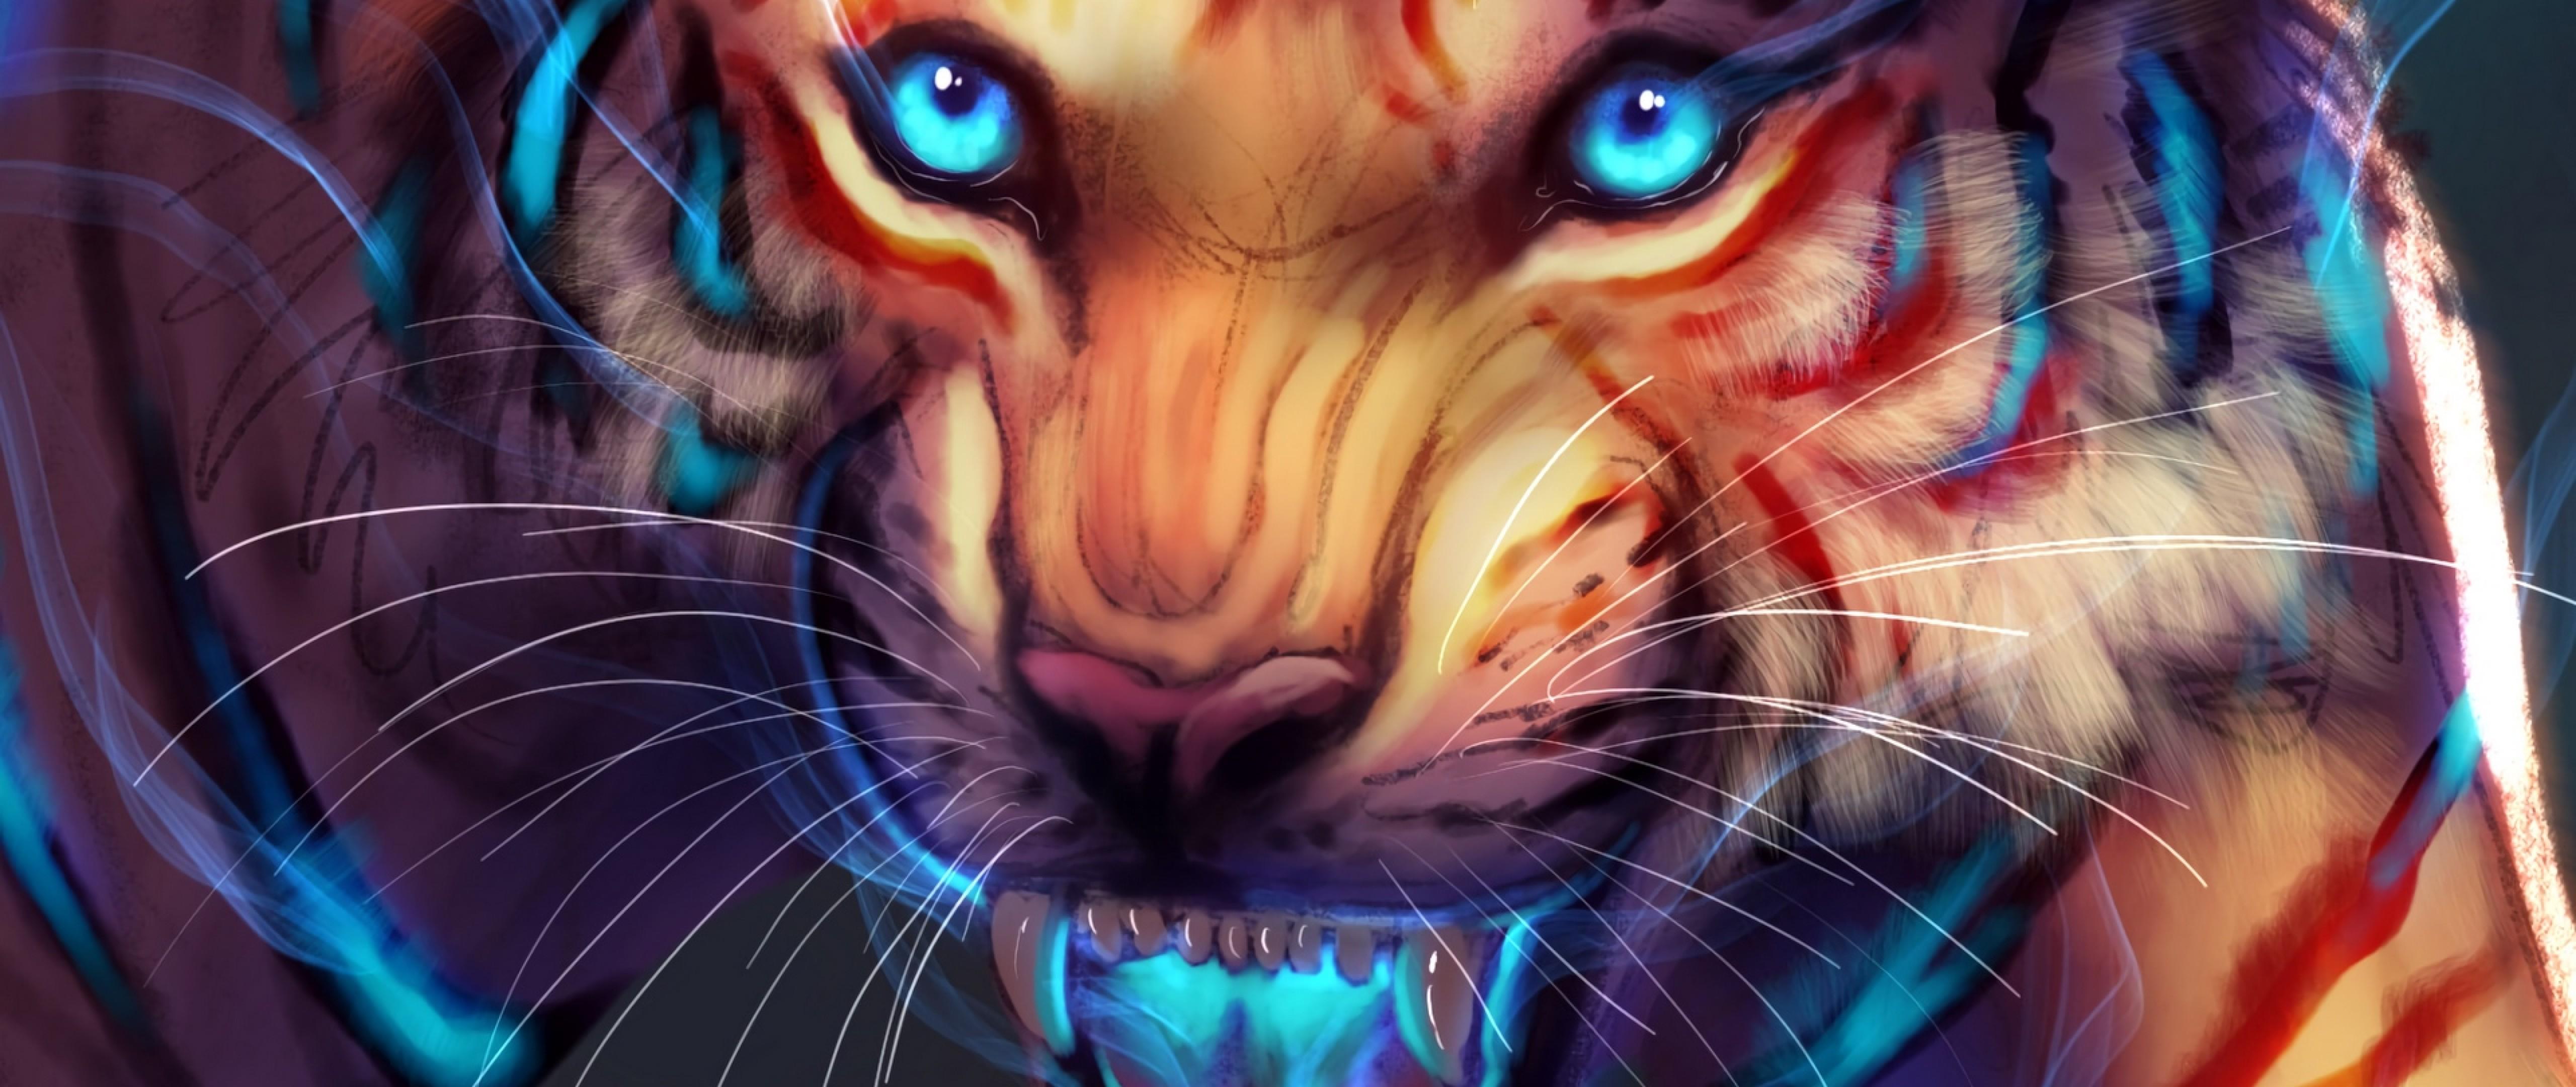 Tiger S Glowing Smile Hd Wallpaper 4k Ultra Hd Wide Tv Hd